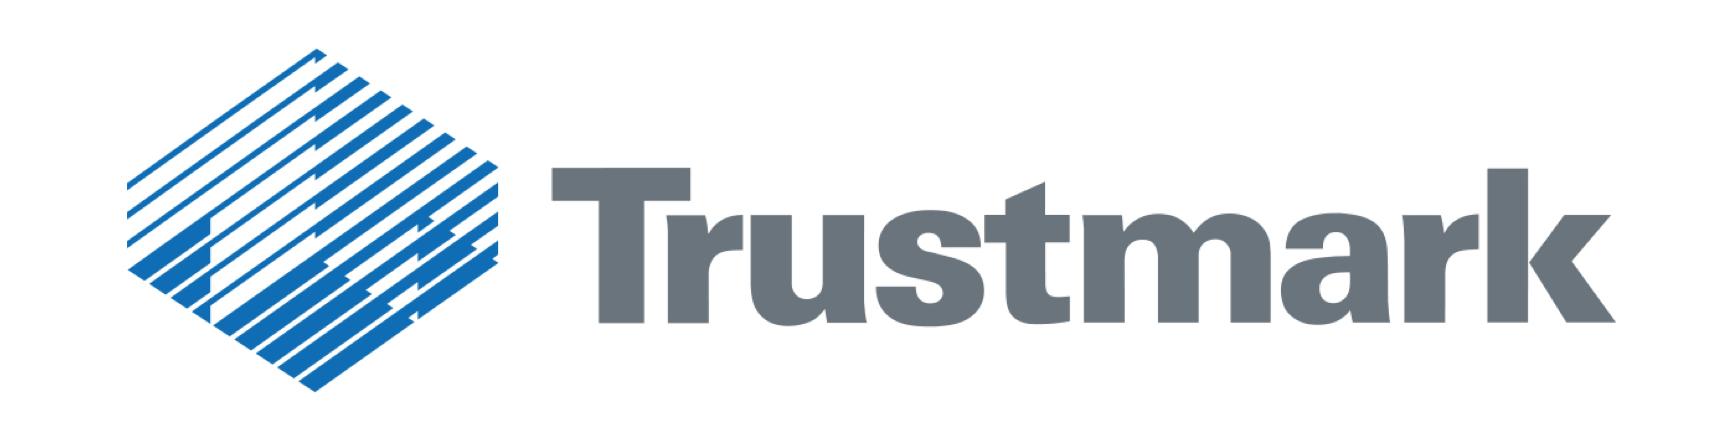 Trustmark Bank Logo